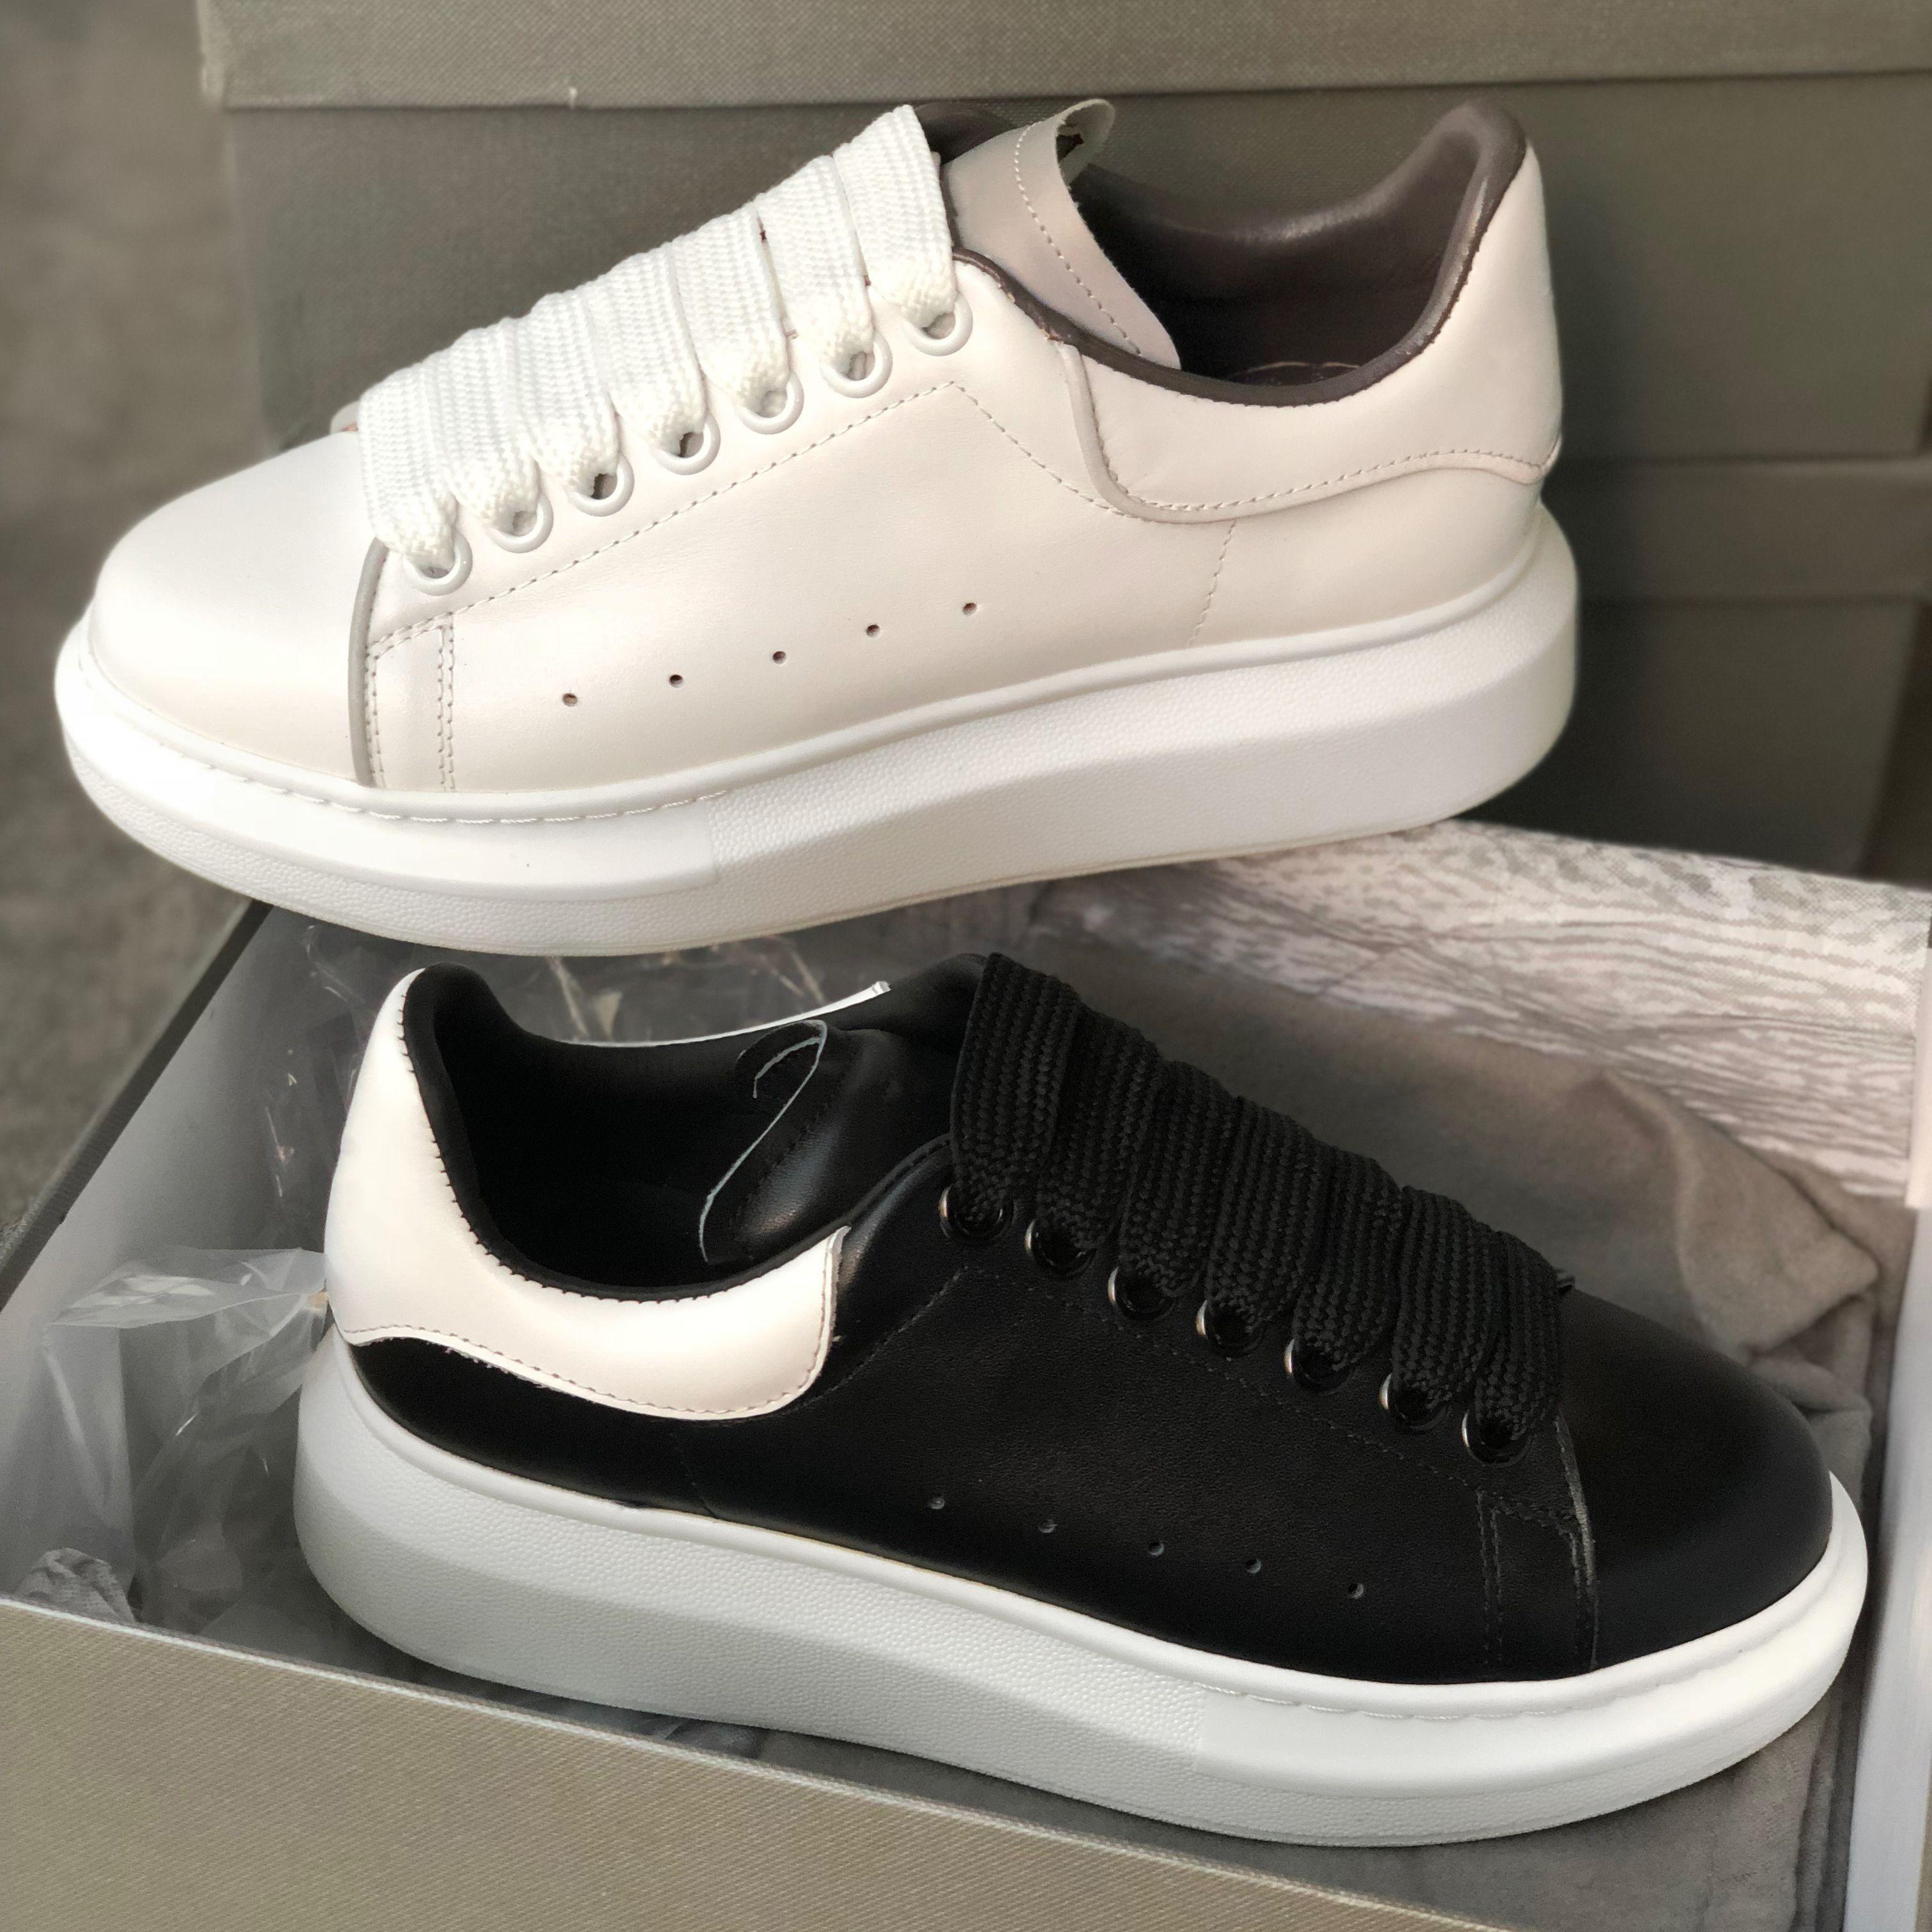 Scarpe in pelle nero bianco riflettente 3M Uomini piattaforma Sneakers Scarpe da ginnastica pattini casuali piani festa di nozze pelle scamosciata di sport scarpe da tennis con la scatola